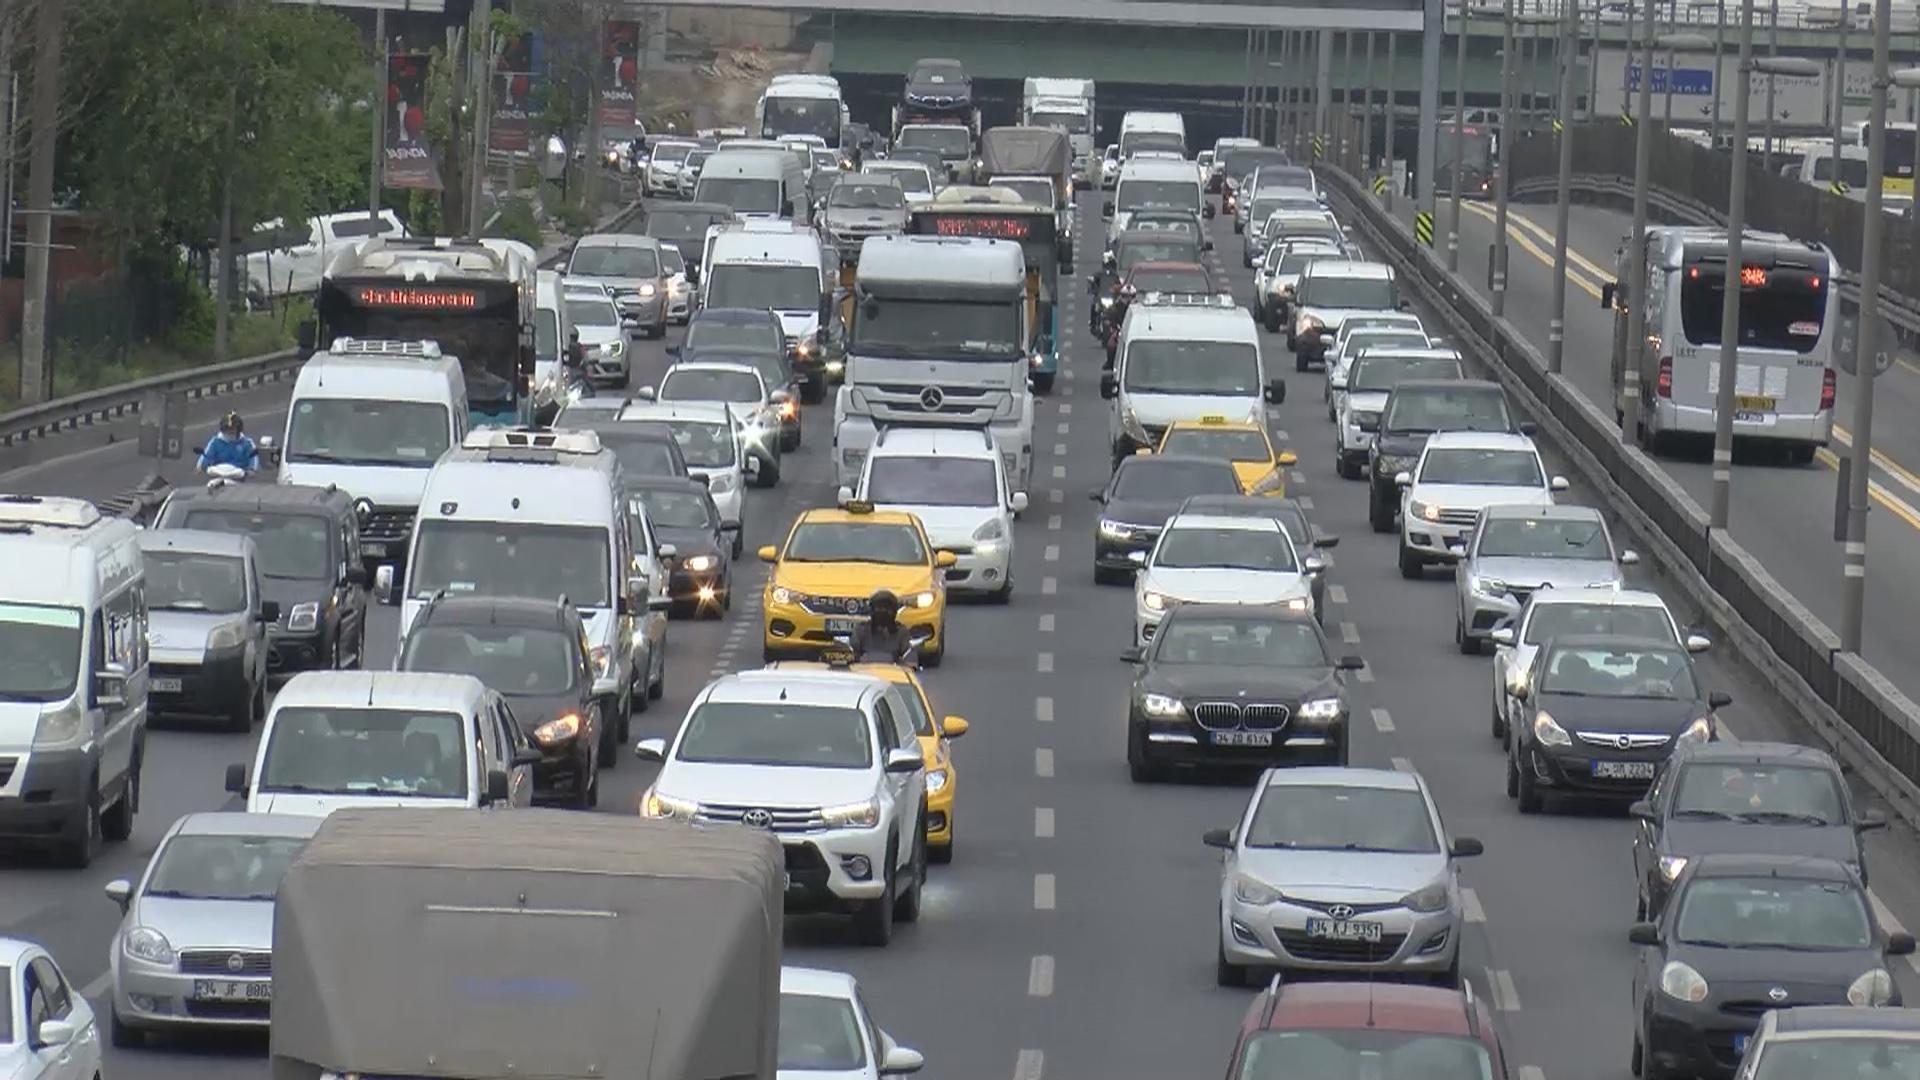 İstanbul'da son zamanların en yoğun trafiği